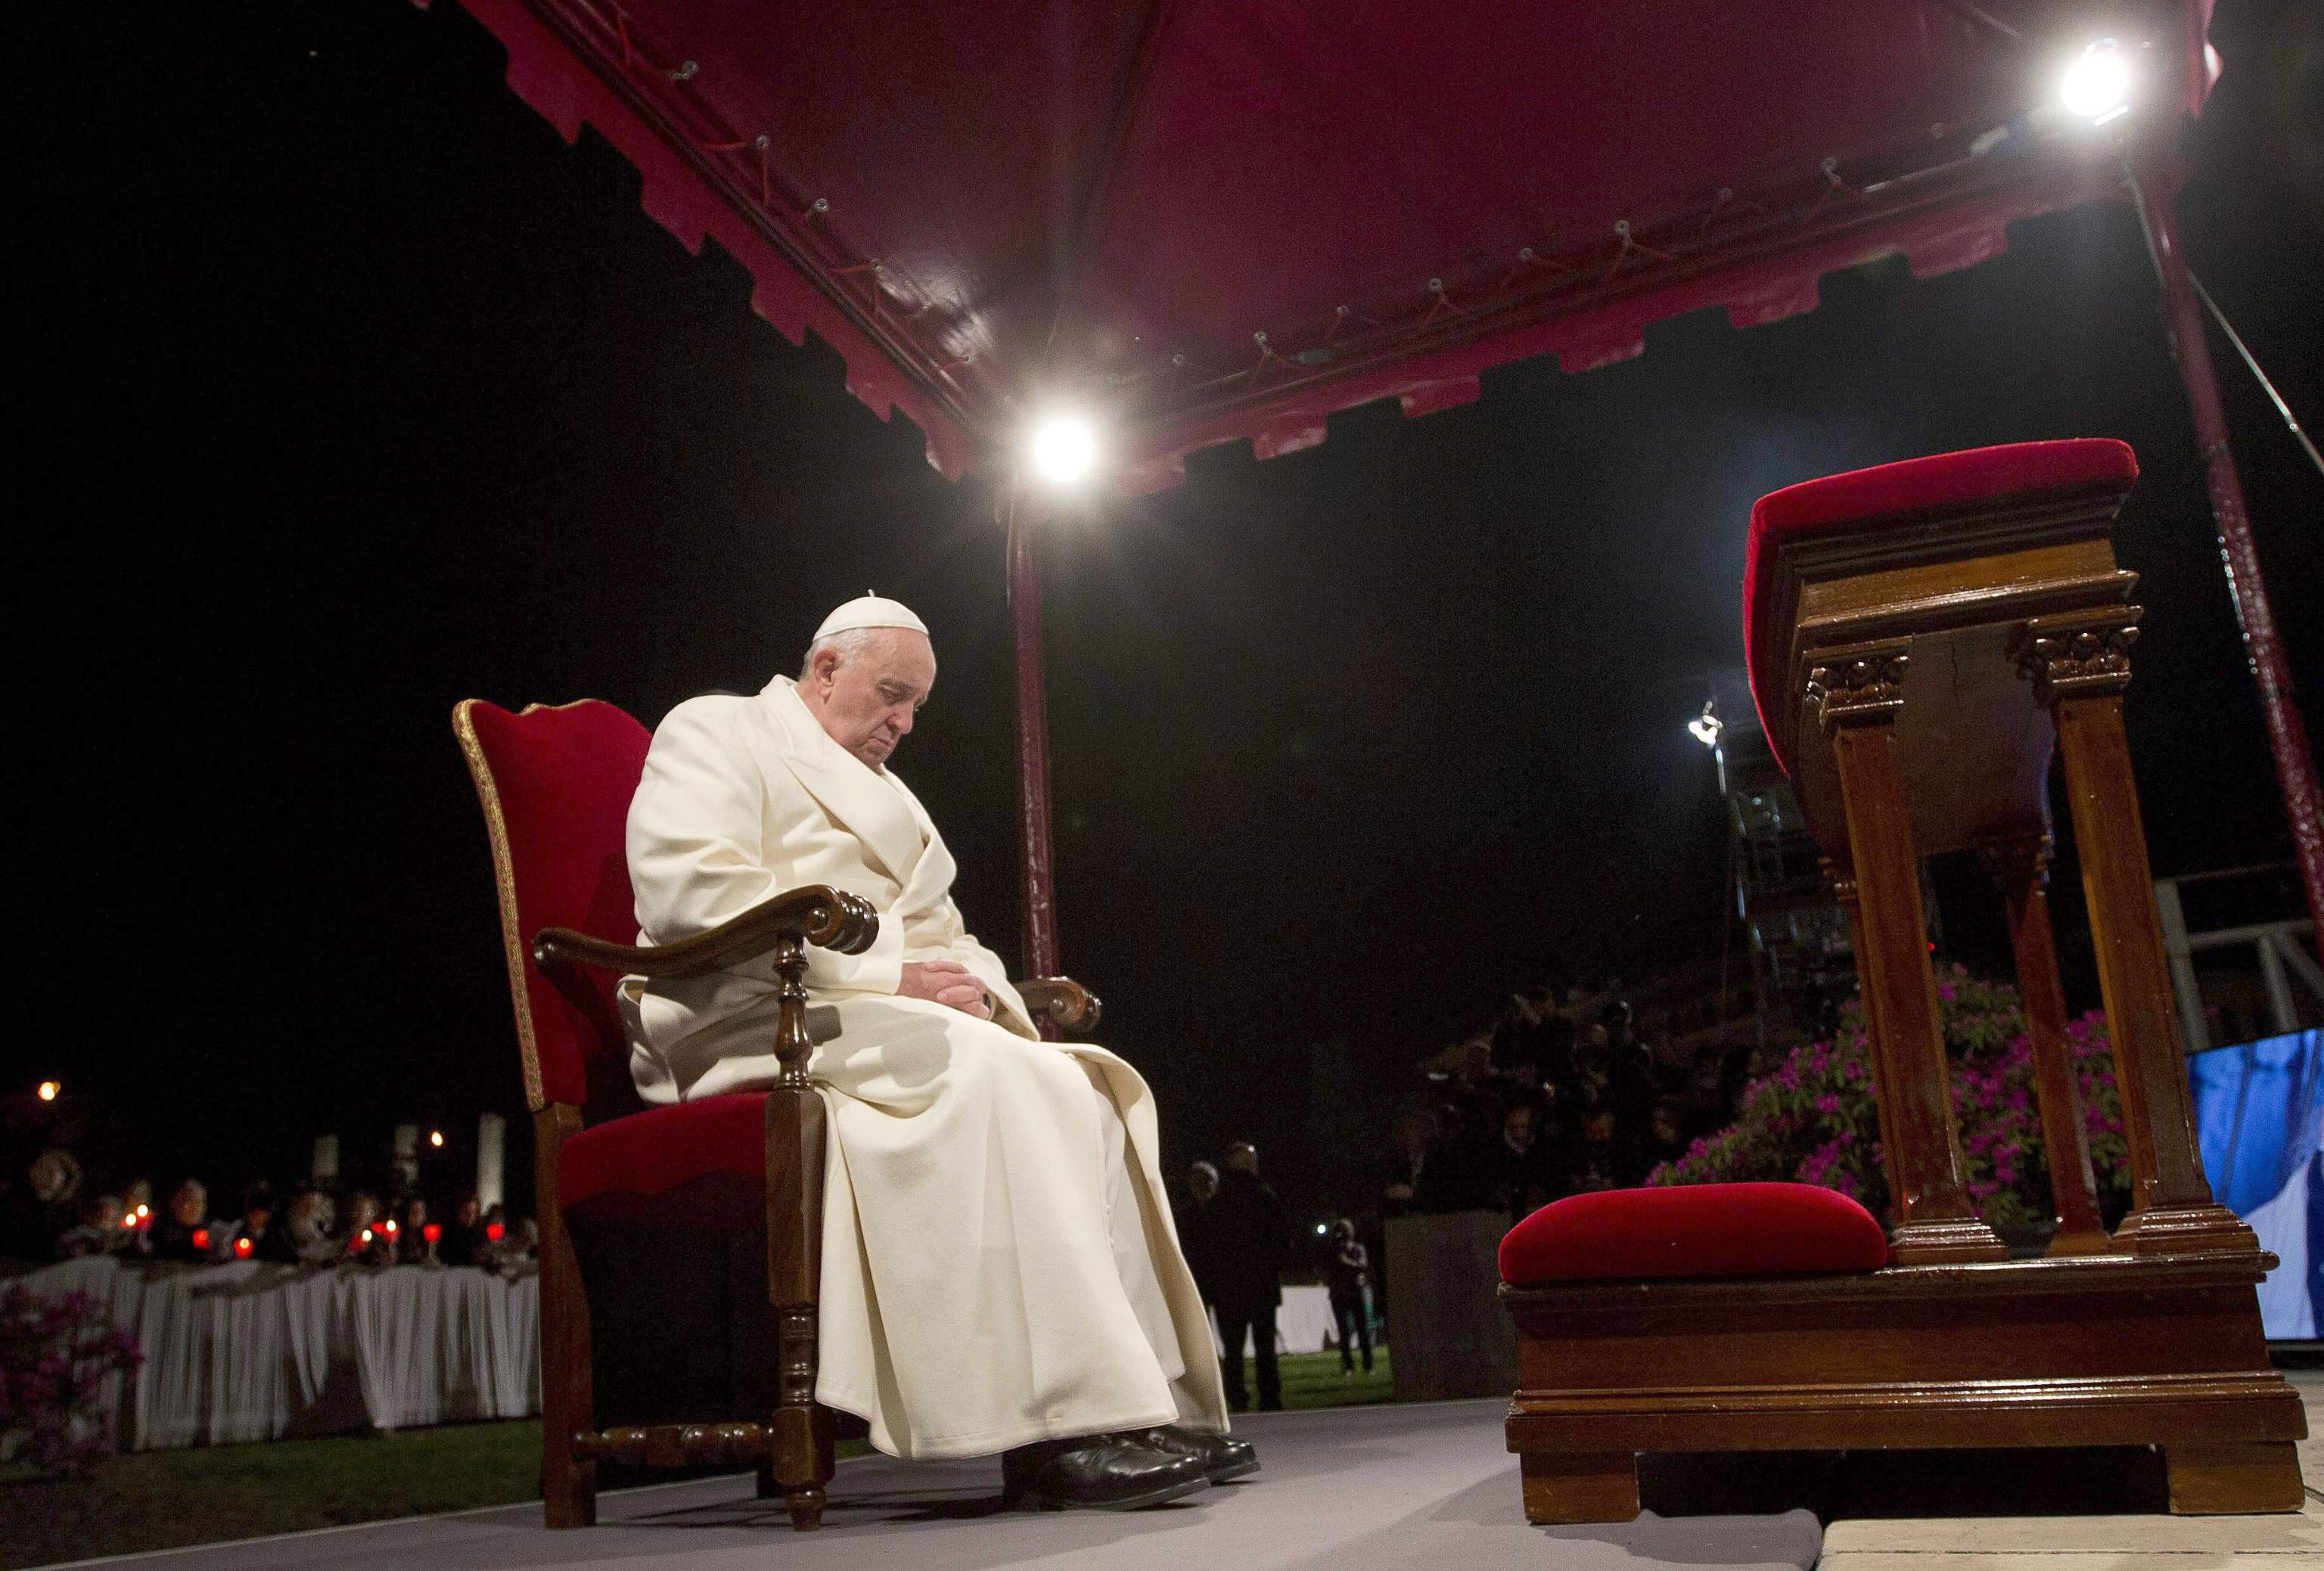 El limosnero pontificio reparte sobres con dinero entre los mendigos de Roma